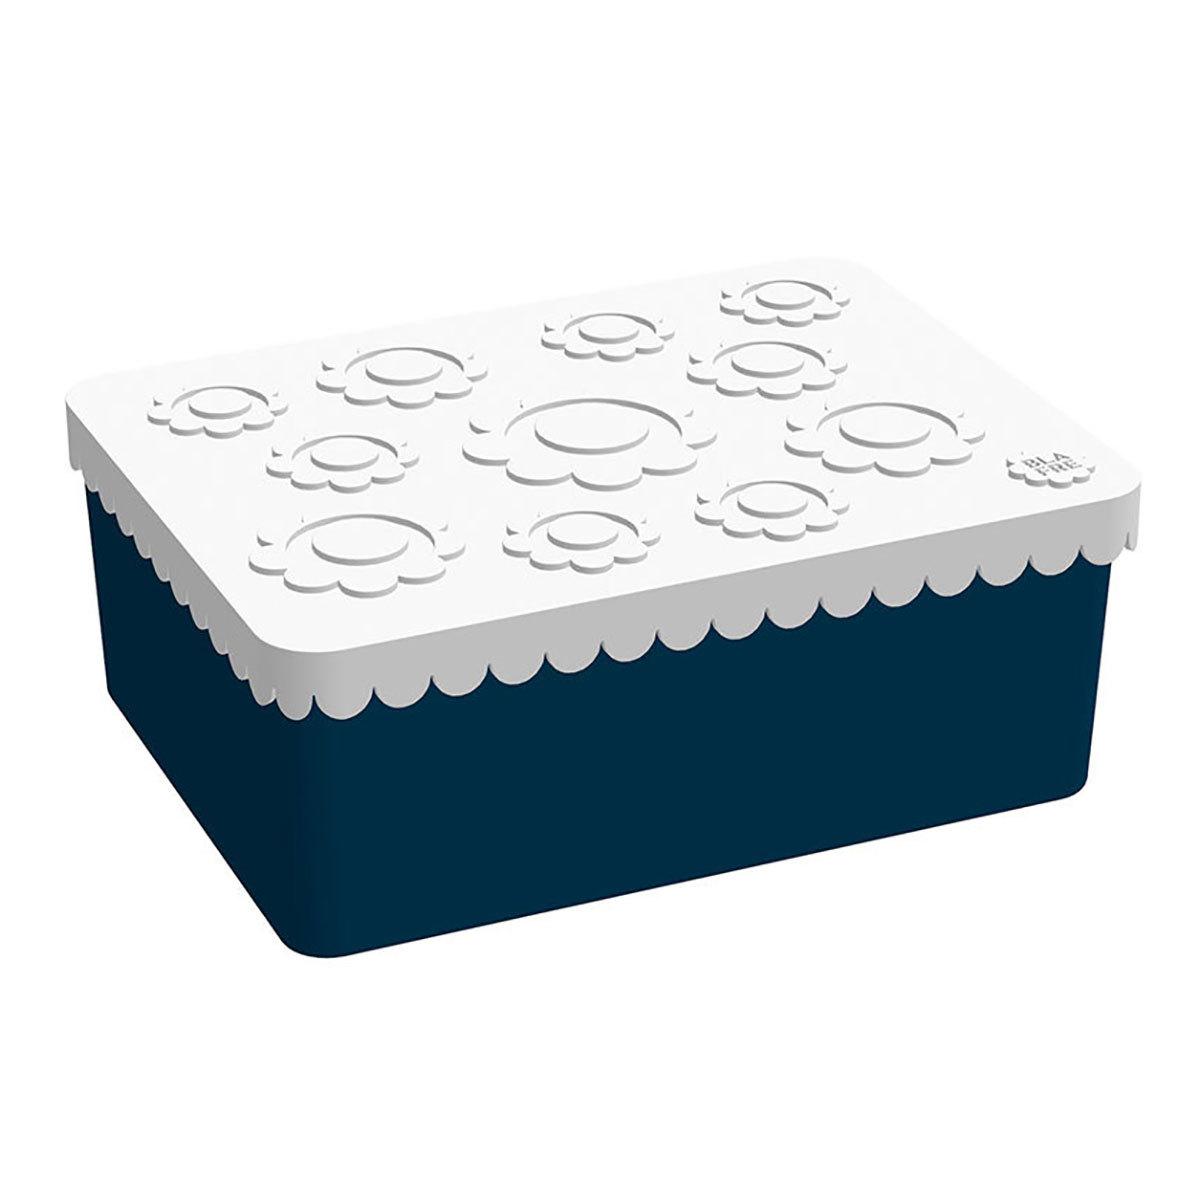 Vaisselle & Couvert LunchBox Blanc / Bleu Foncé LunchBox Blanc / Bleu Foncé